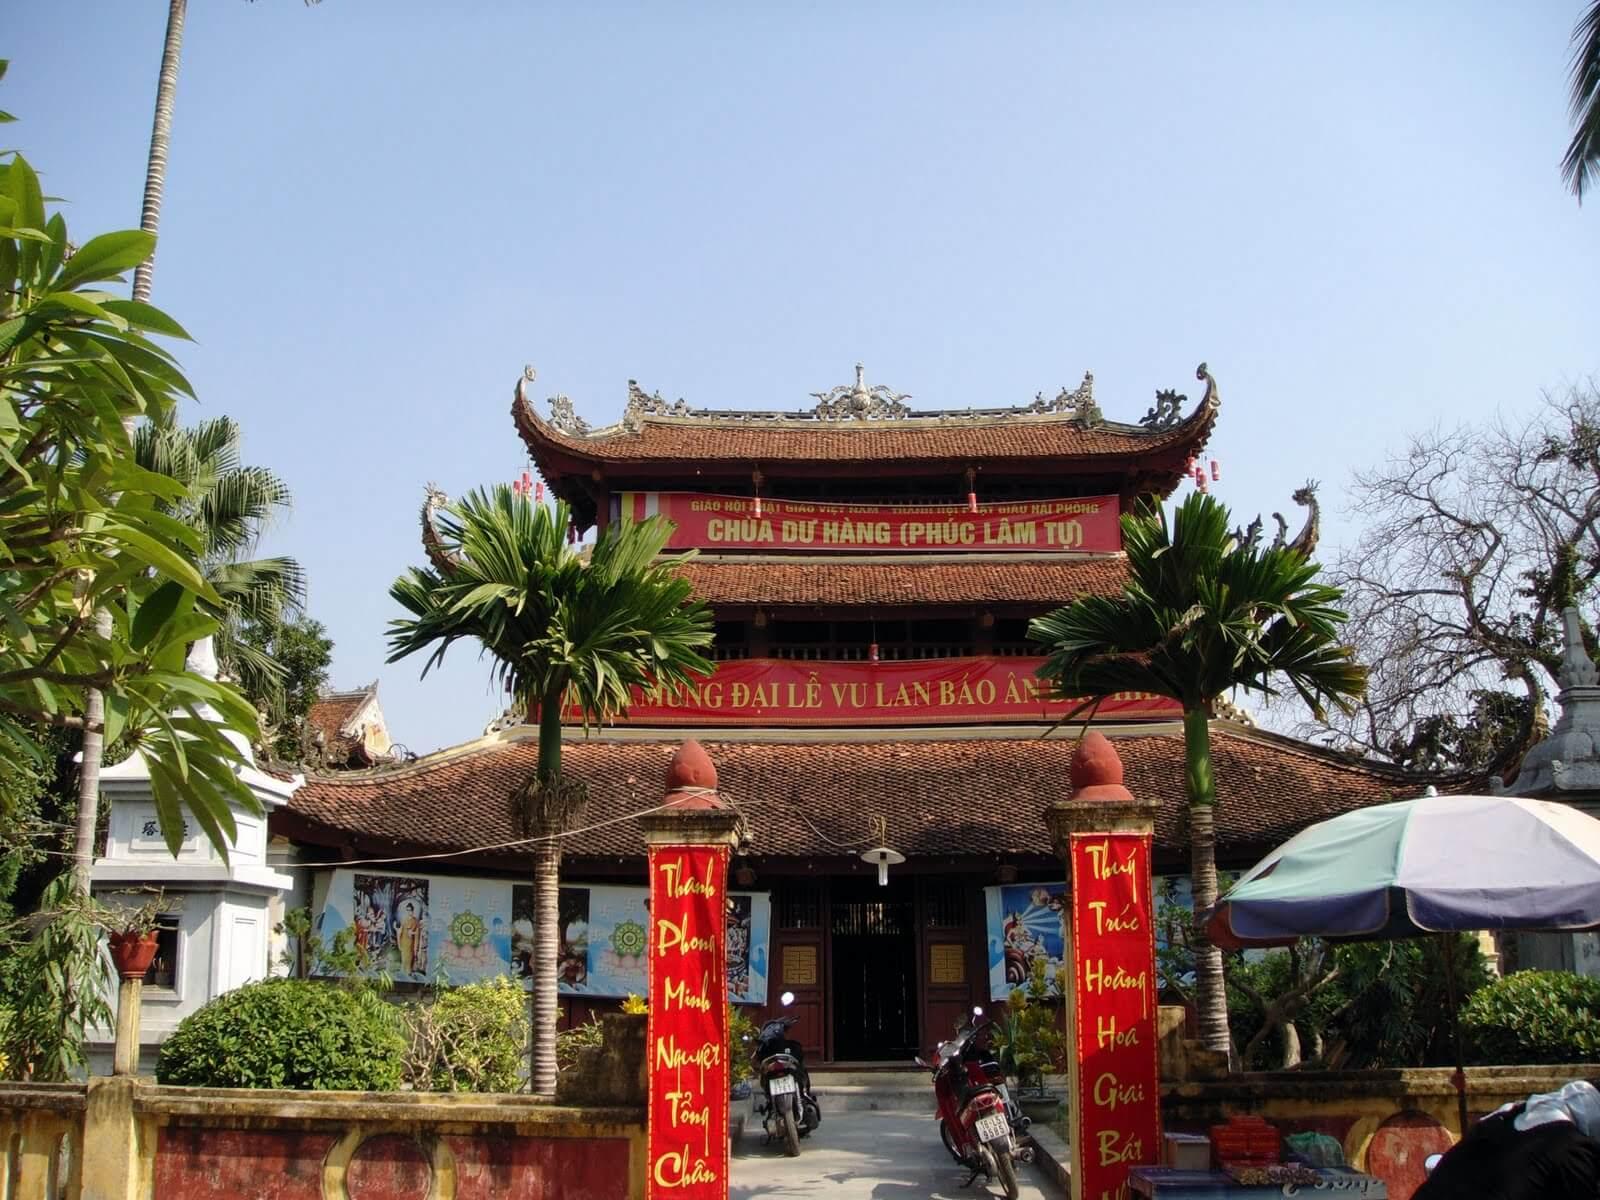 Буддистская пагода Ду Ханг в Хайфоне